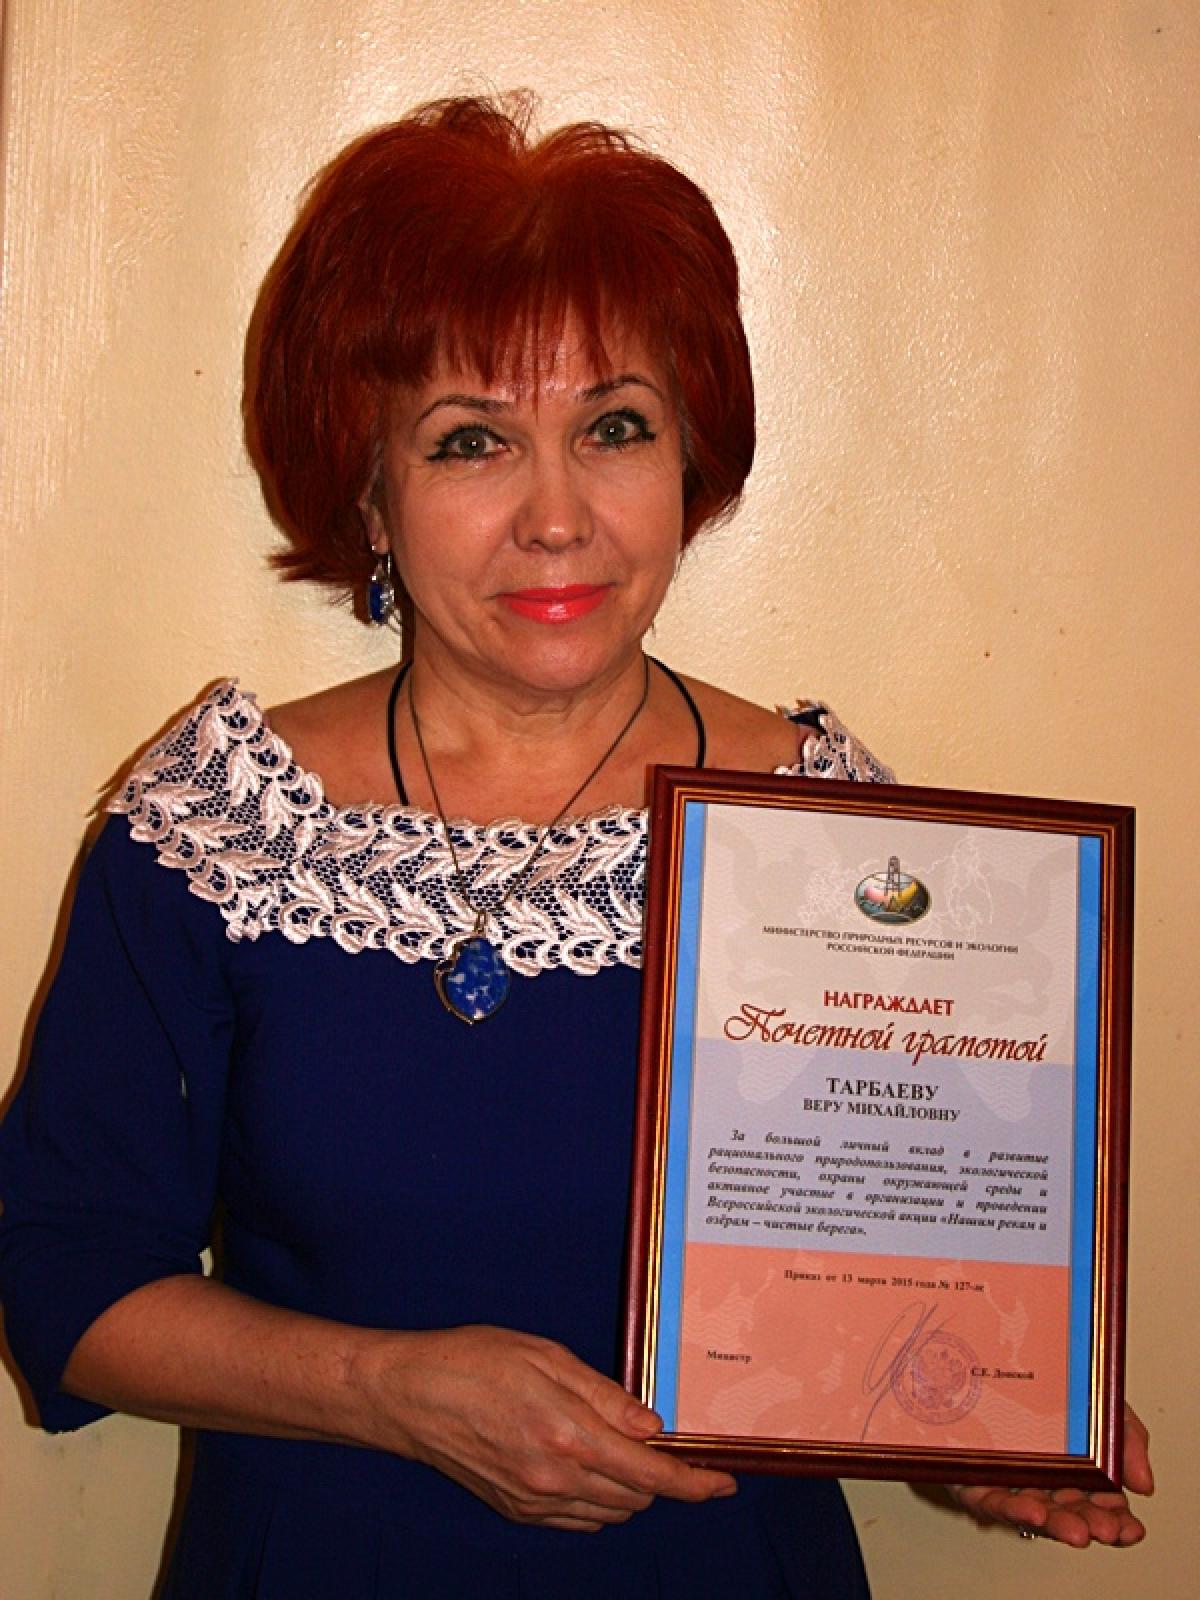 Вероника Михайловна Тарбаева